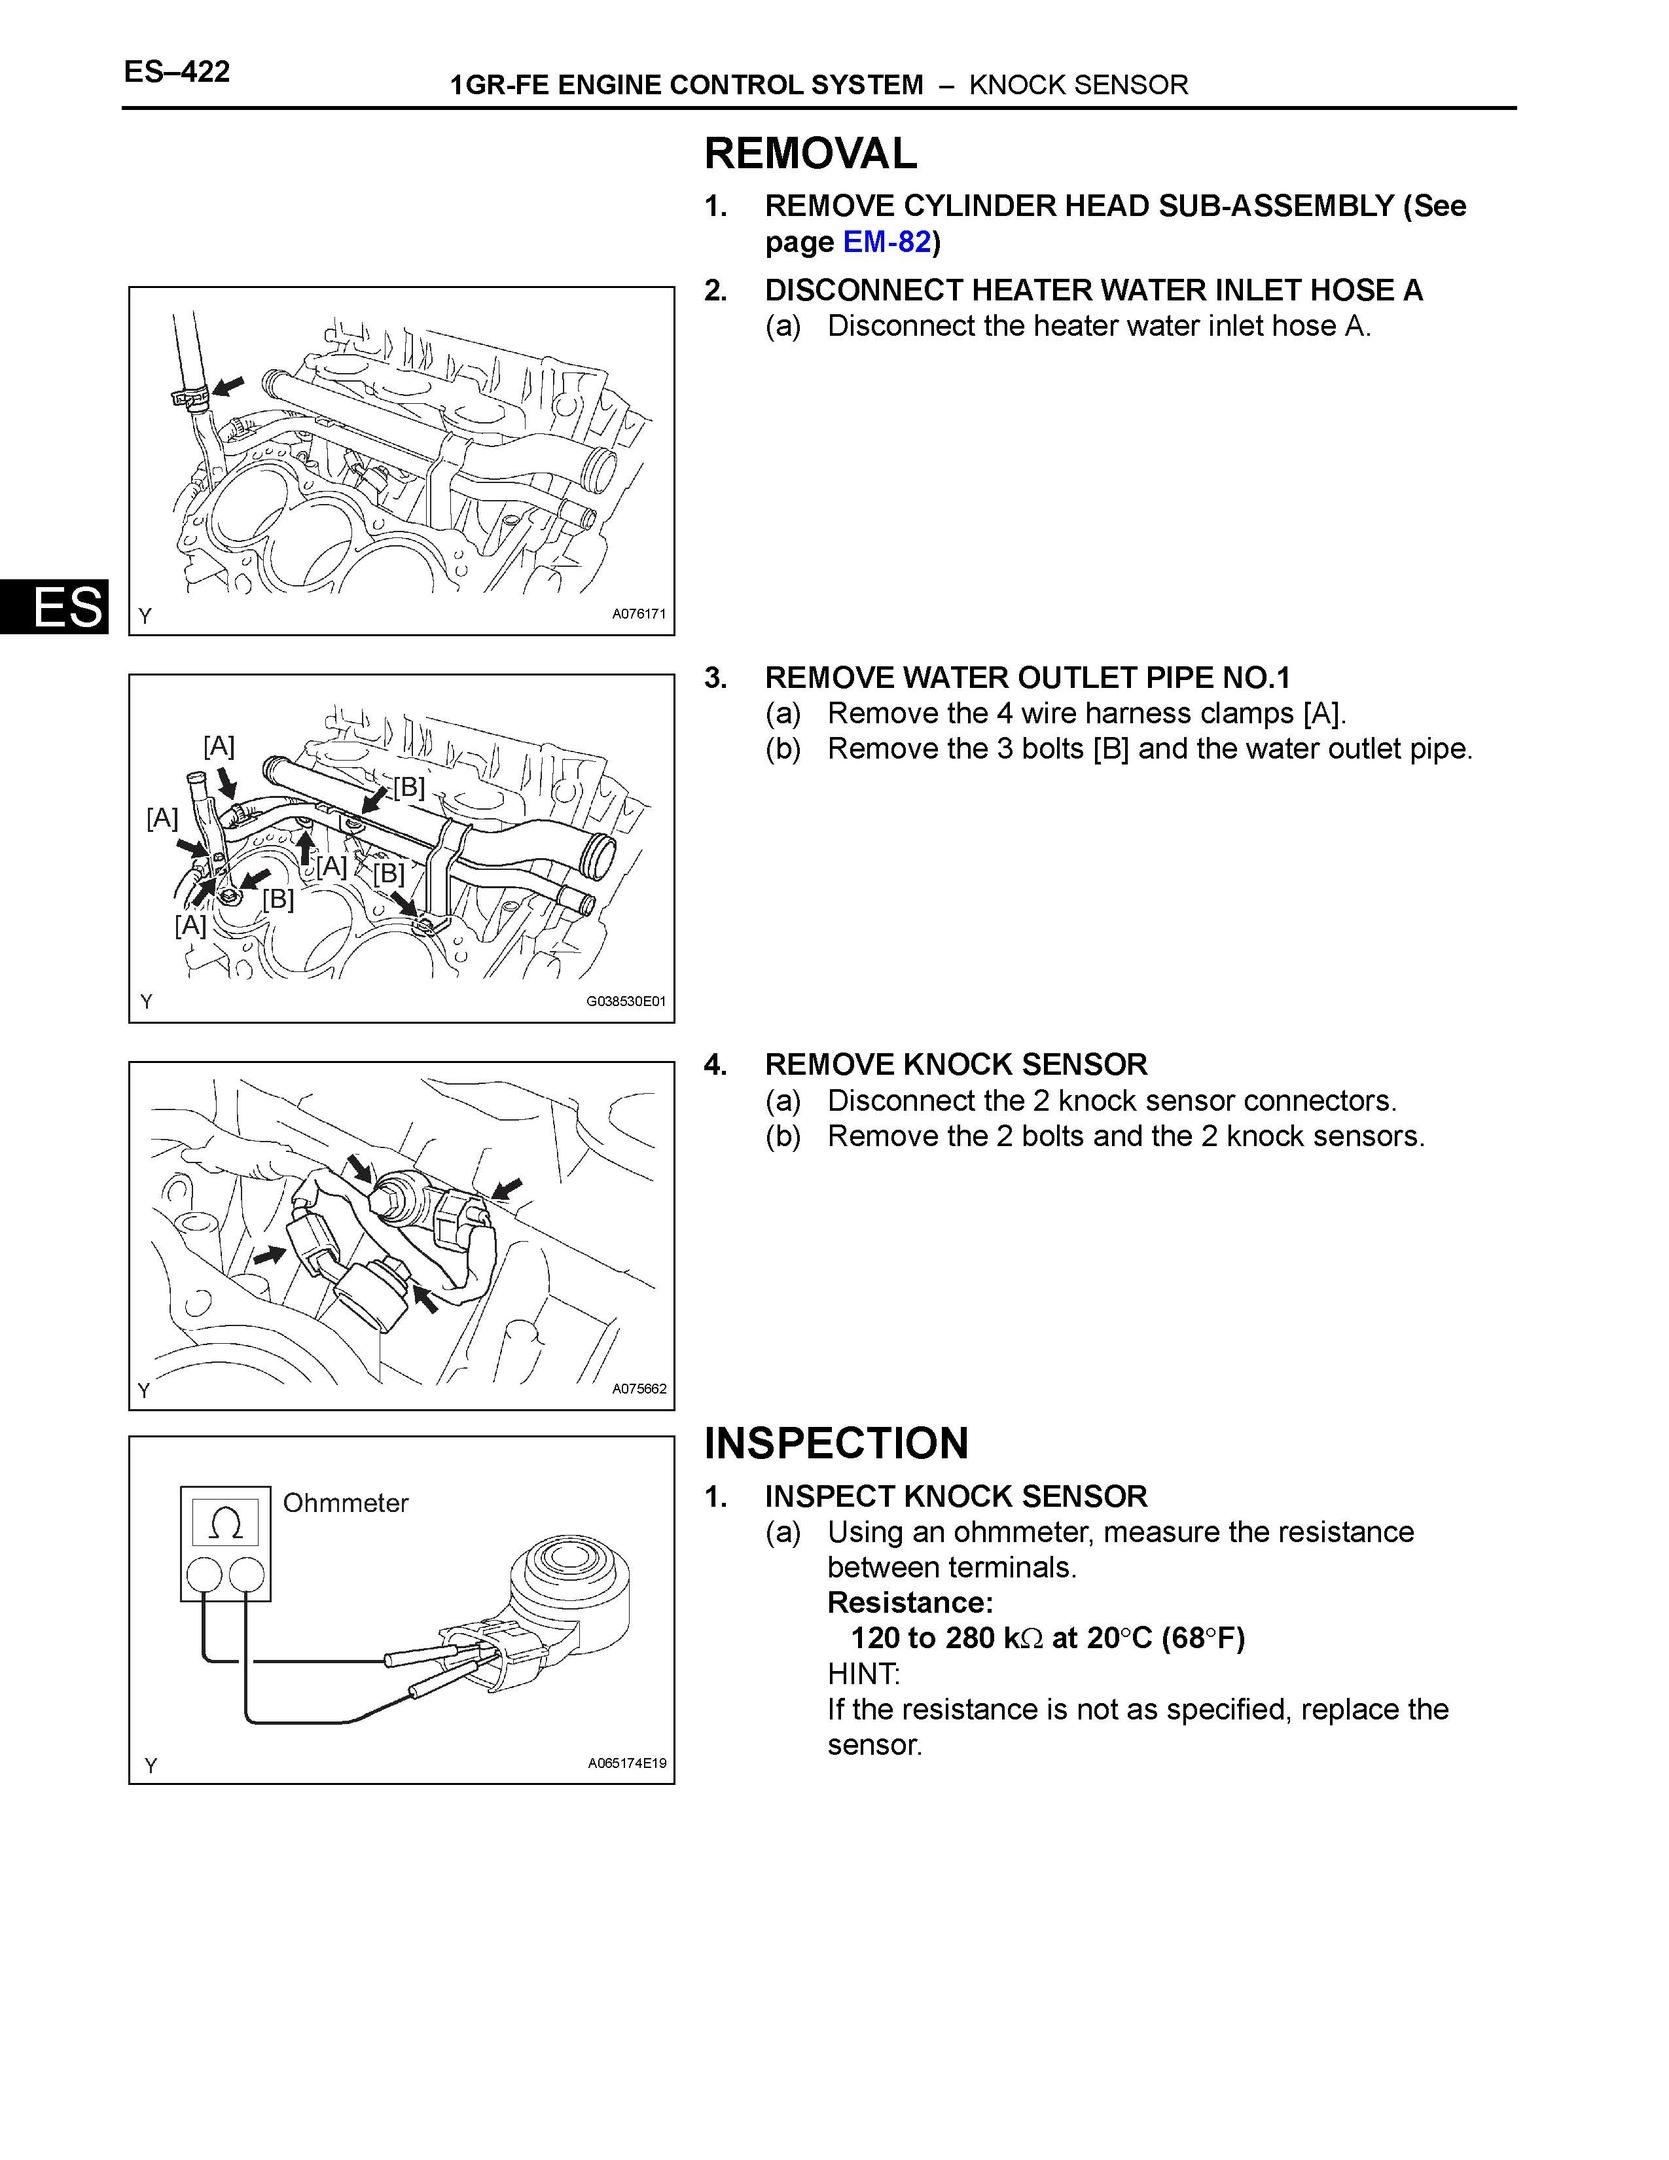 2006 4runner repair manual